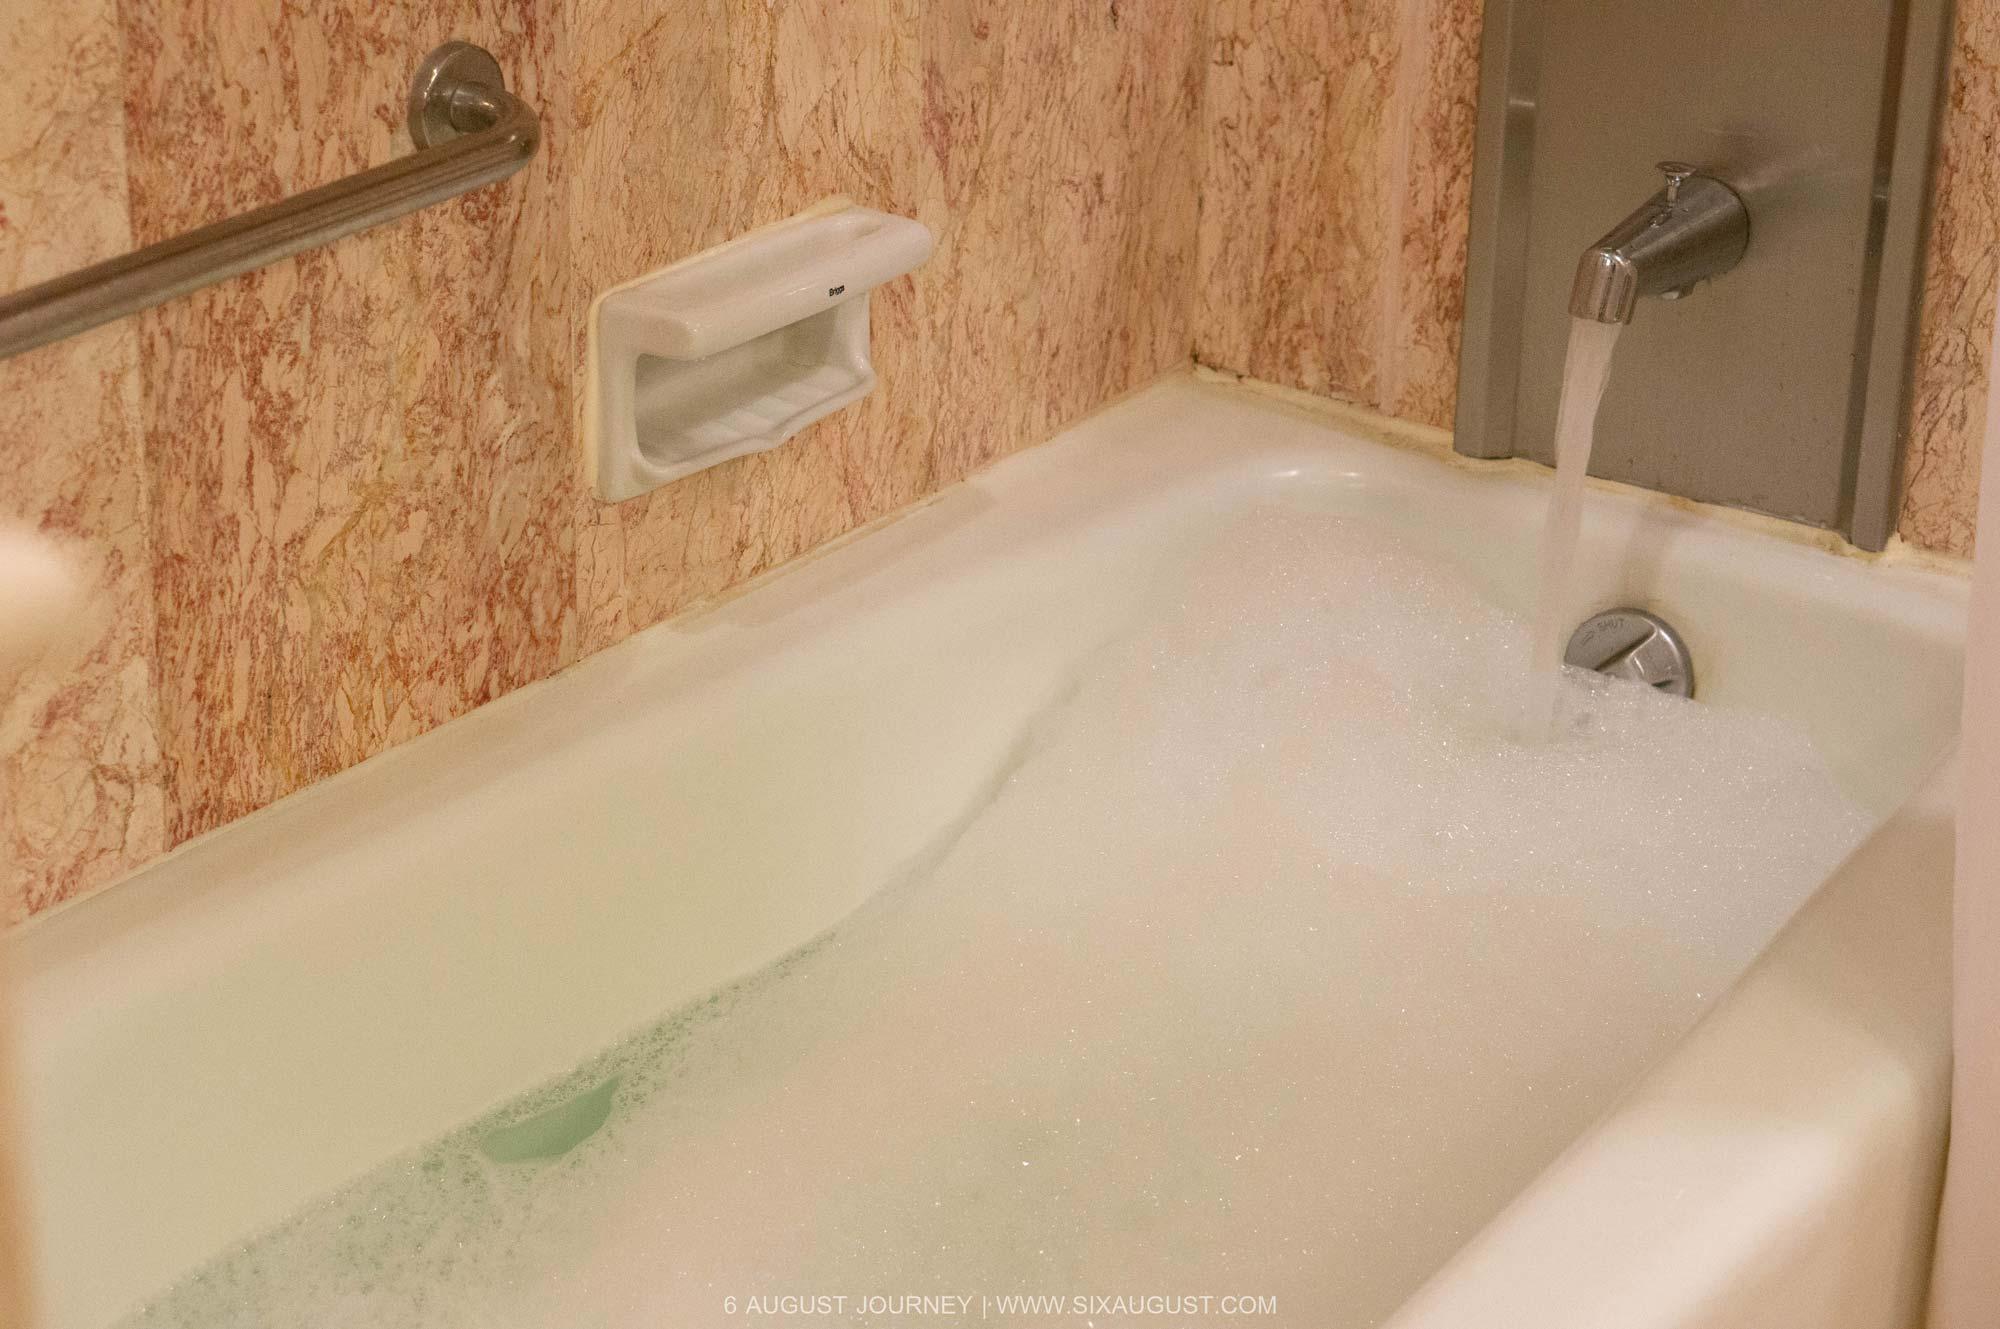 อ่างอาบน้ำ โรงแรมเอเชีย รีวิว